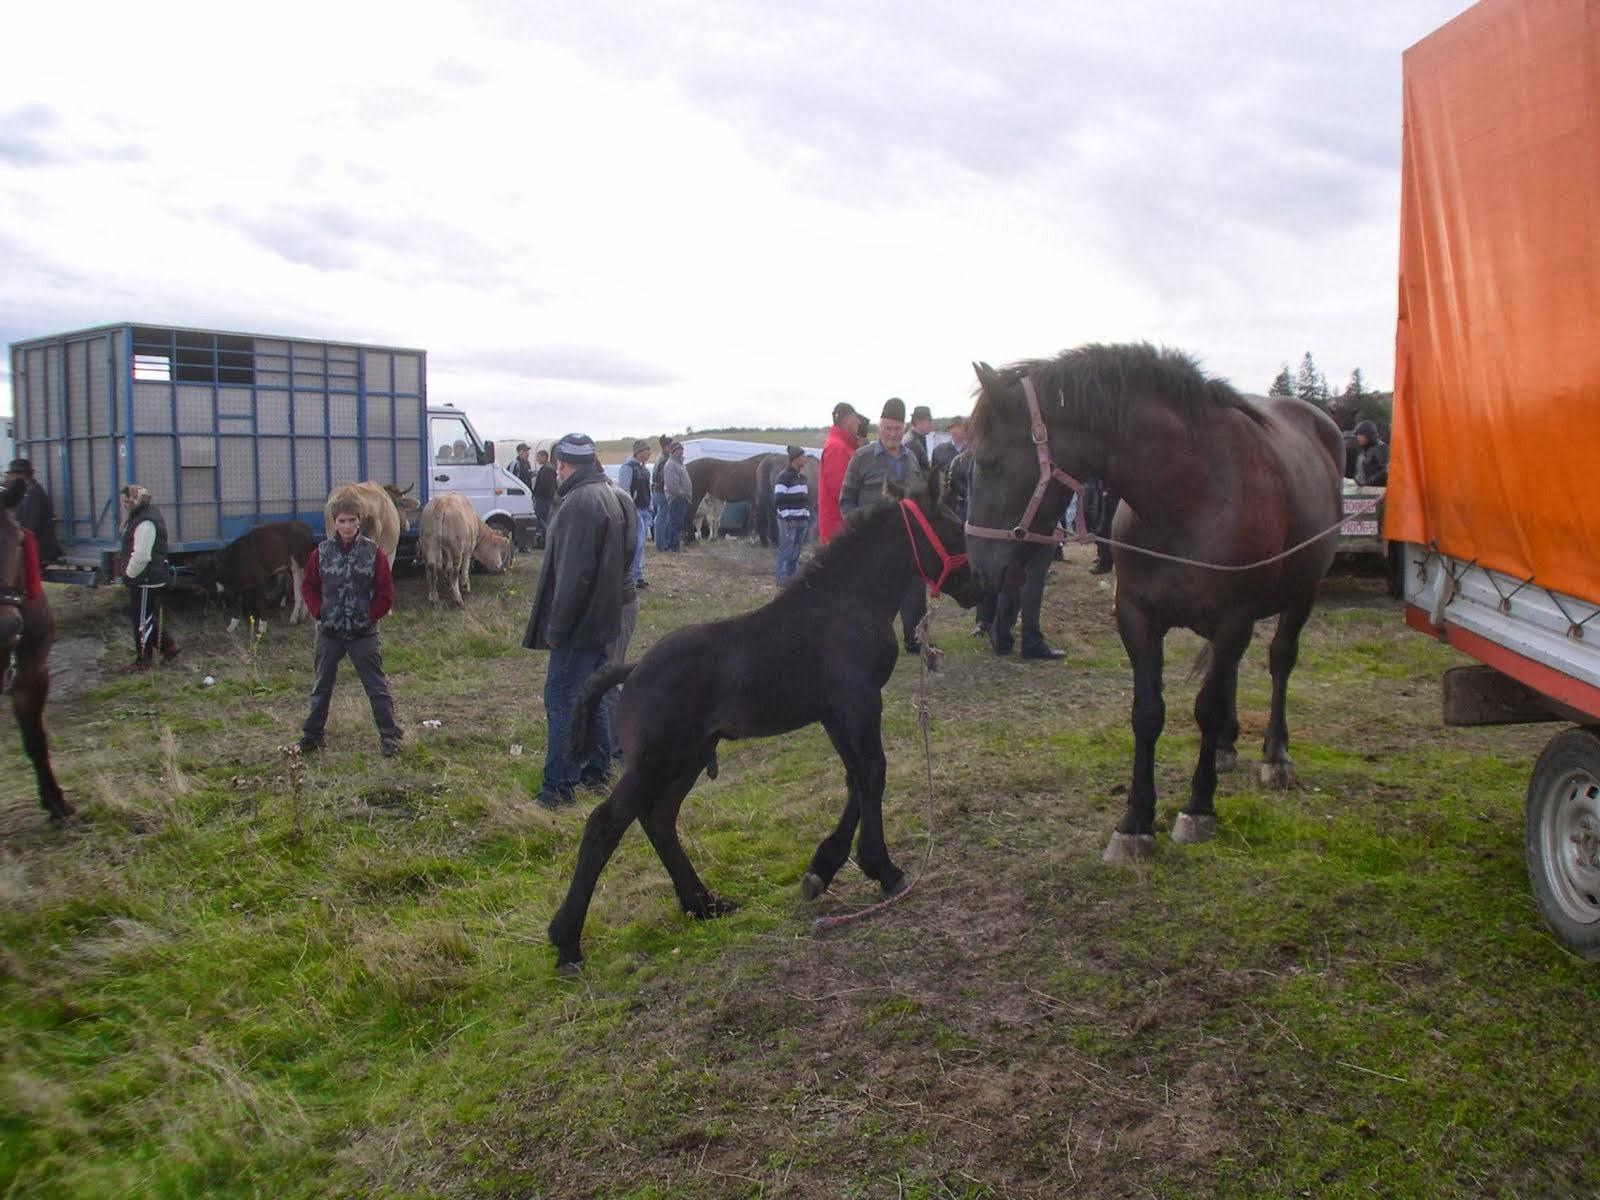 Animal fair 23